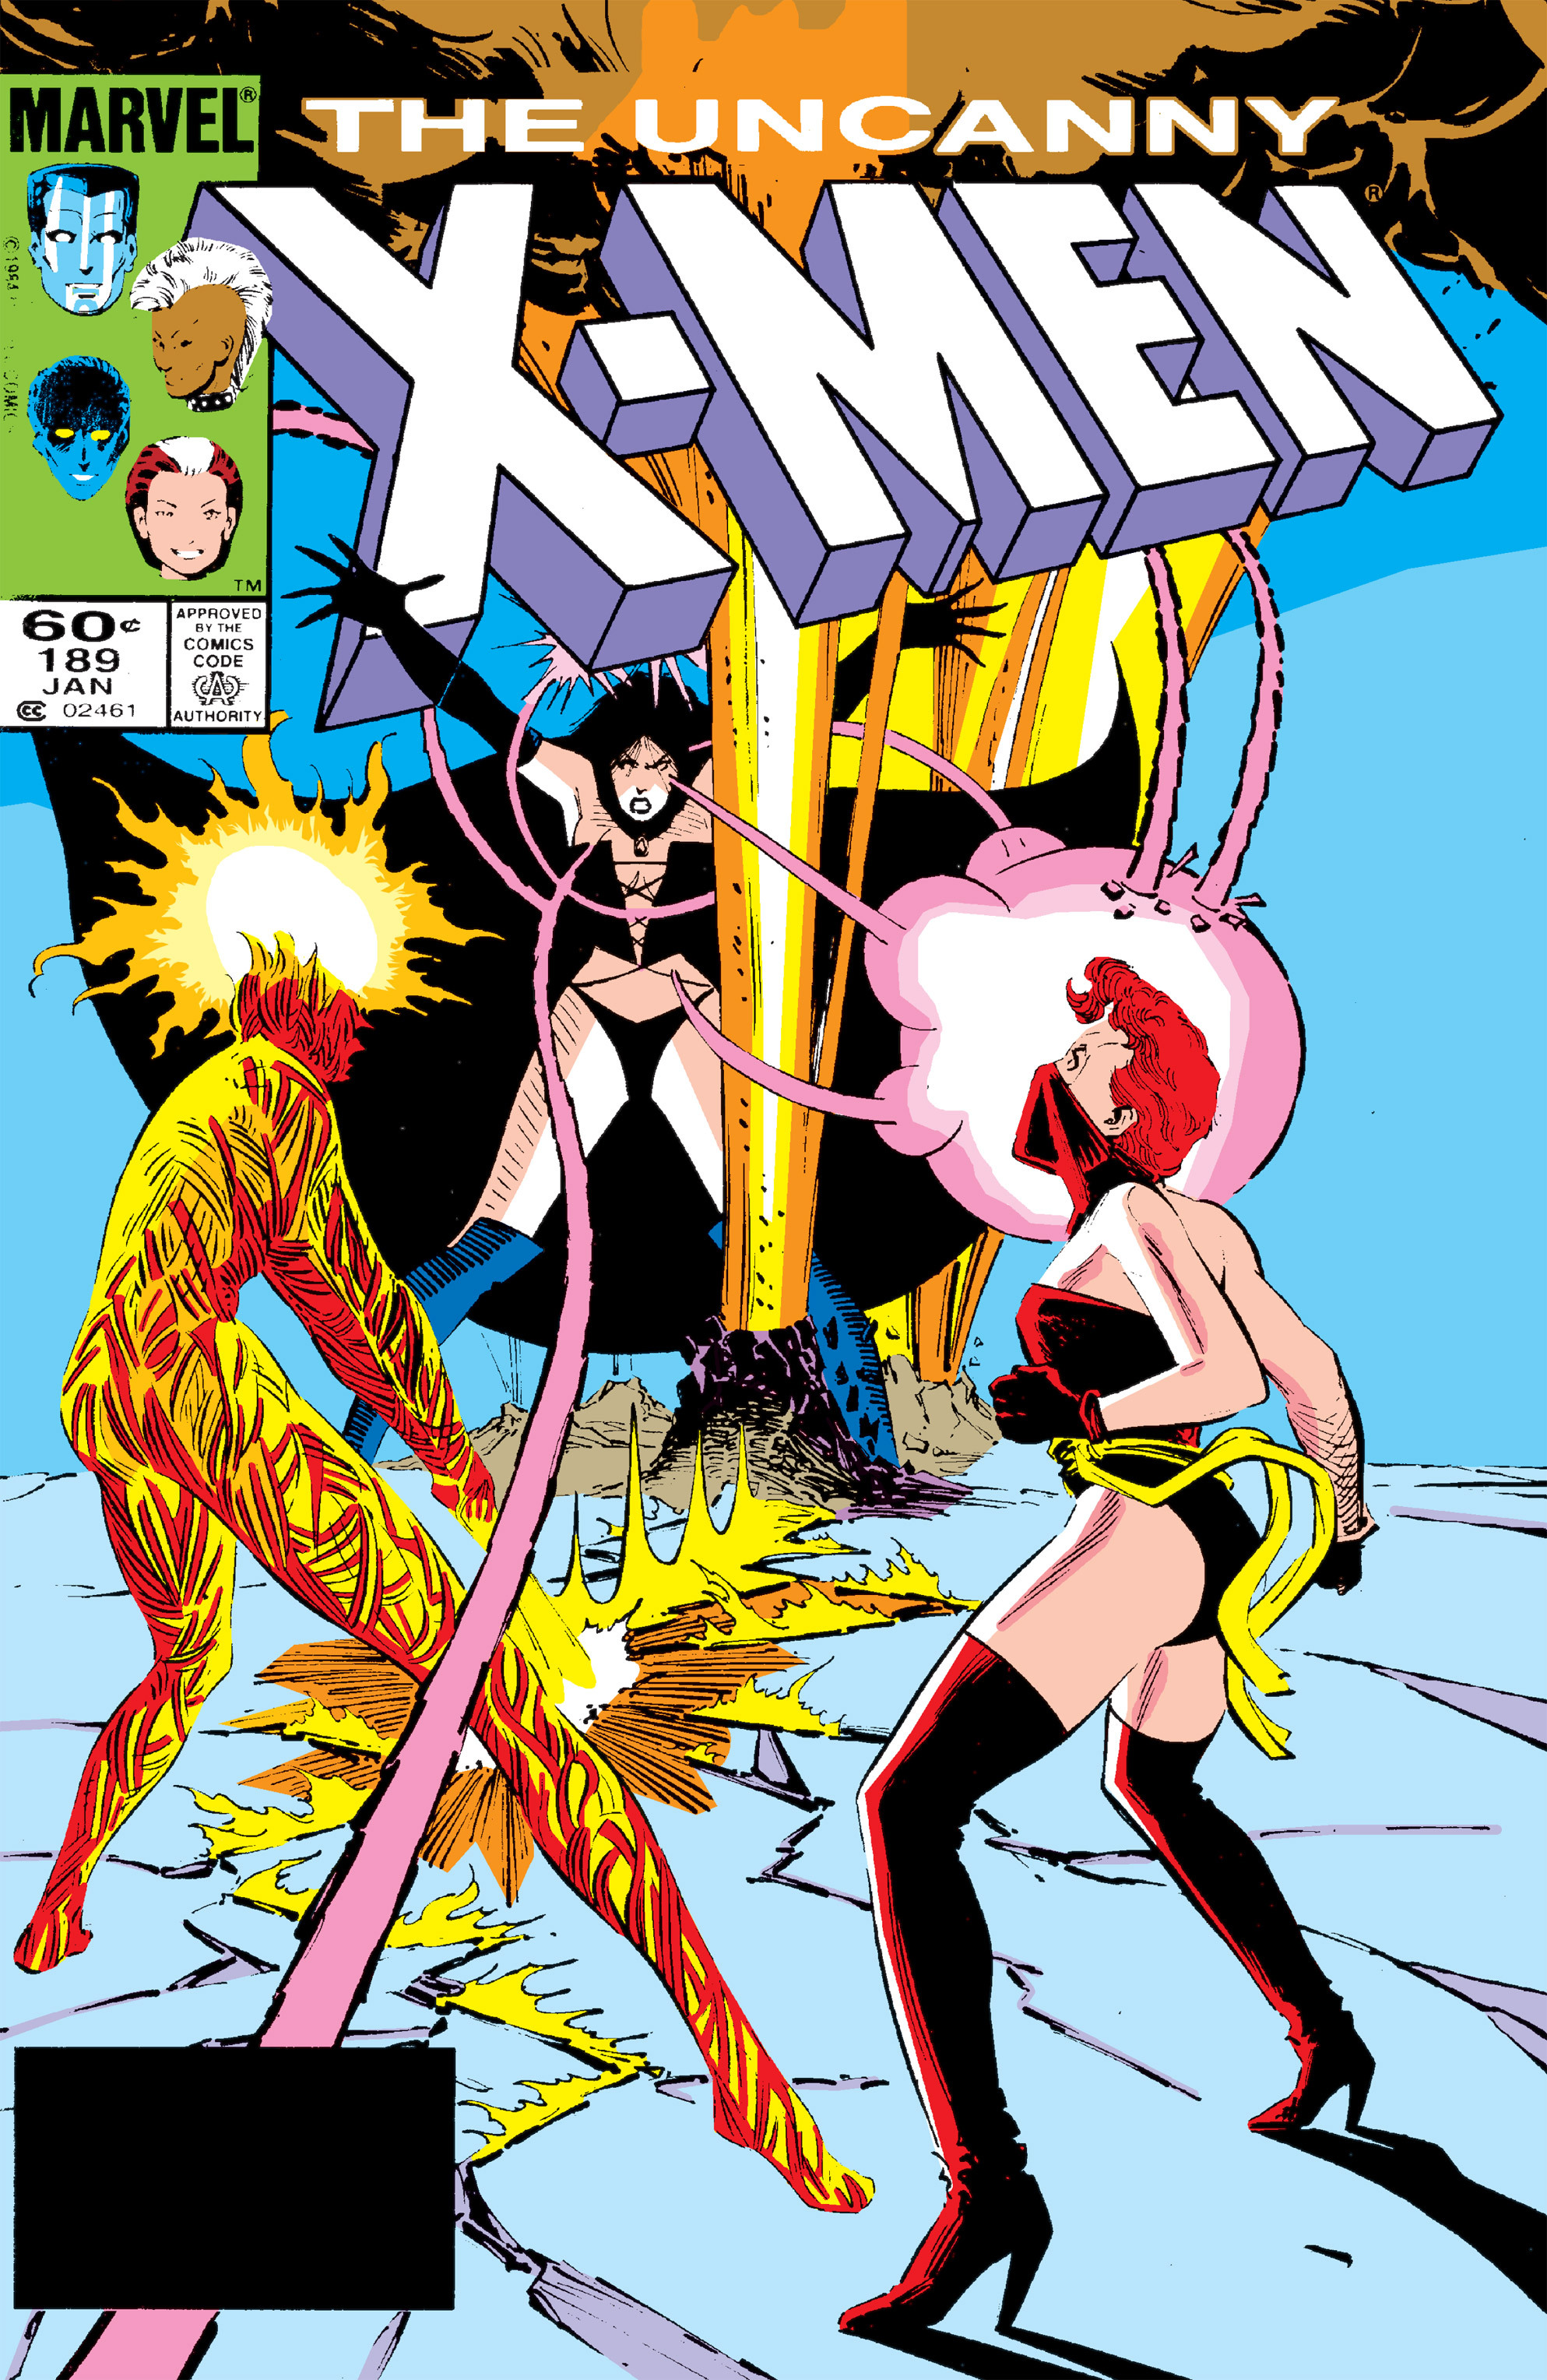 Read online Uncanny X-Men (1963) comic -  Issue #189 - 1